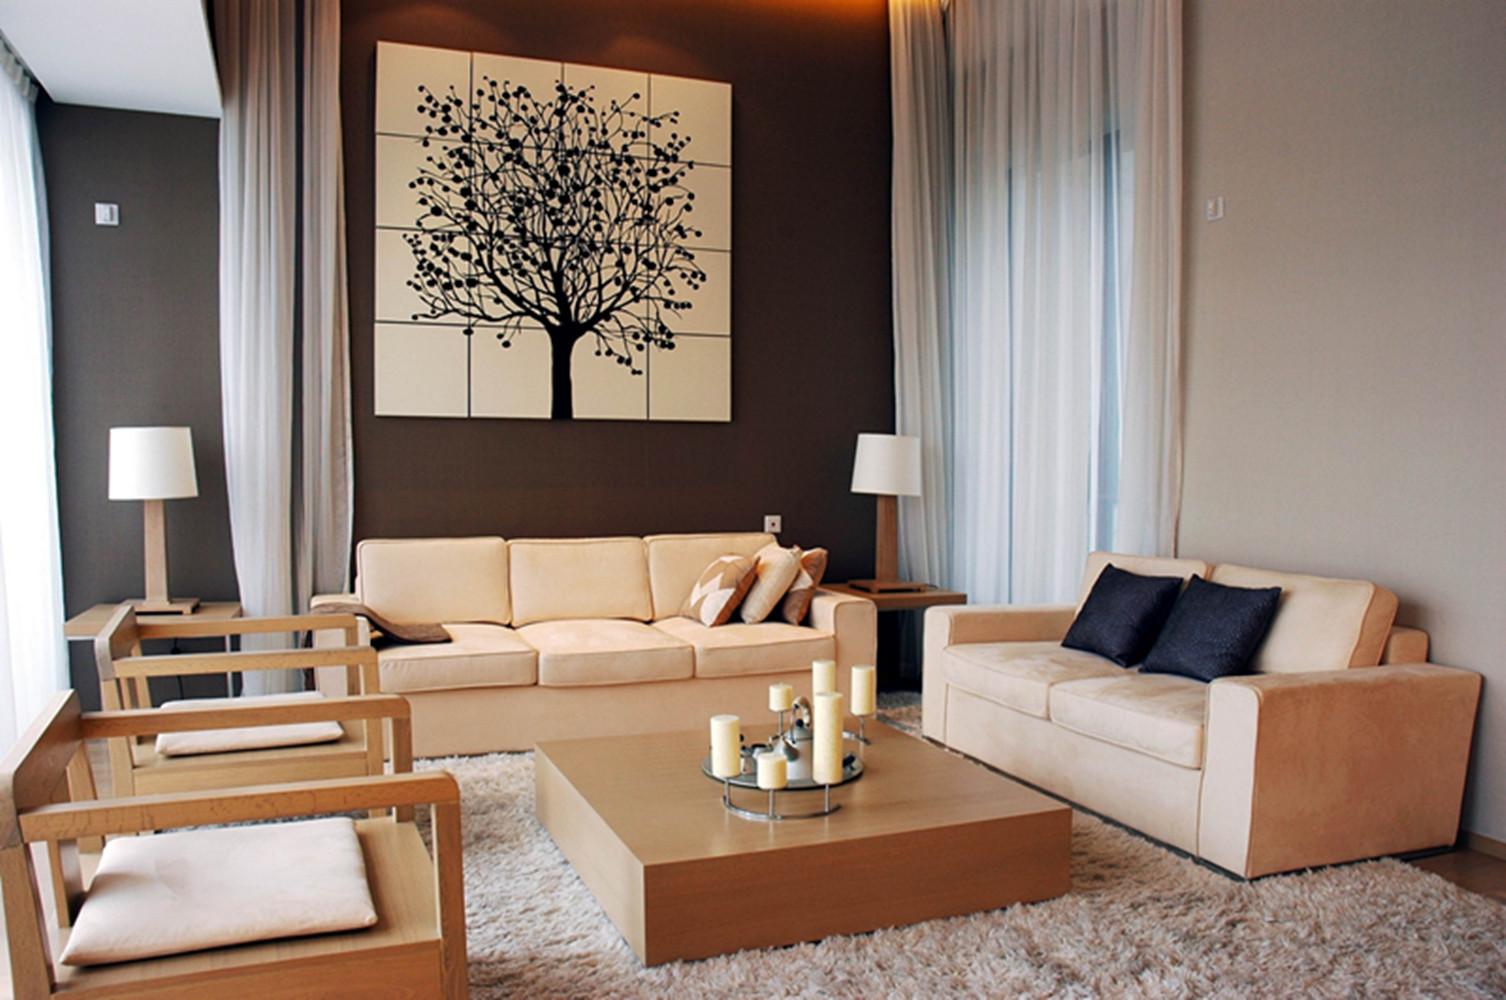 现代风格别墅设计起居室搭配图